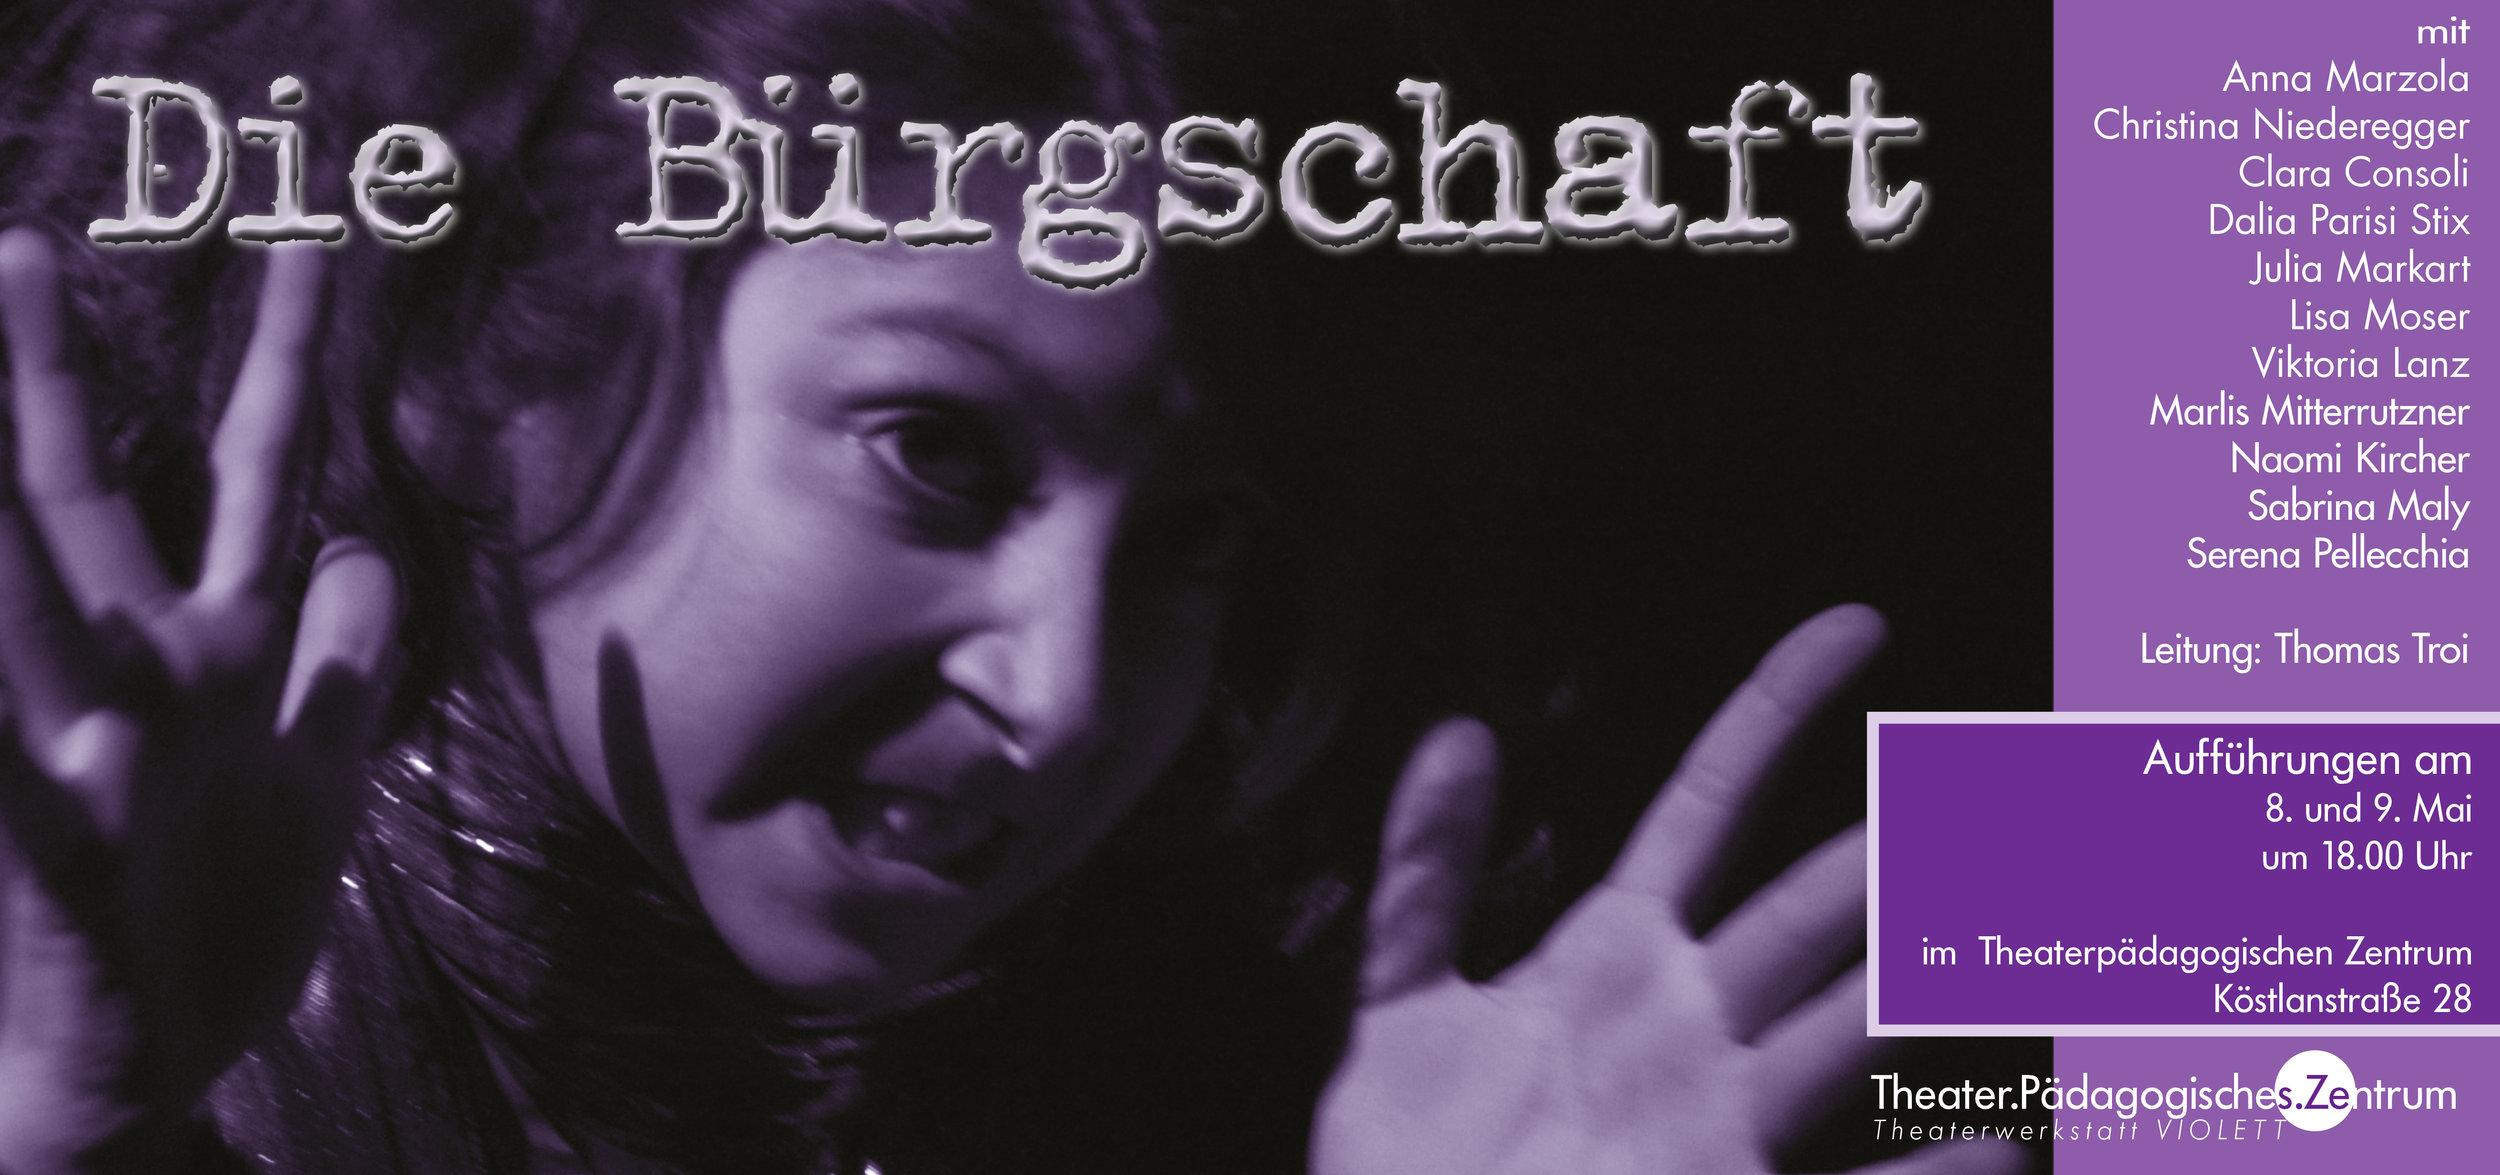 2009 violett Bürgschaft Plakat.jpg